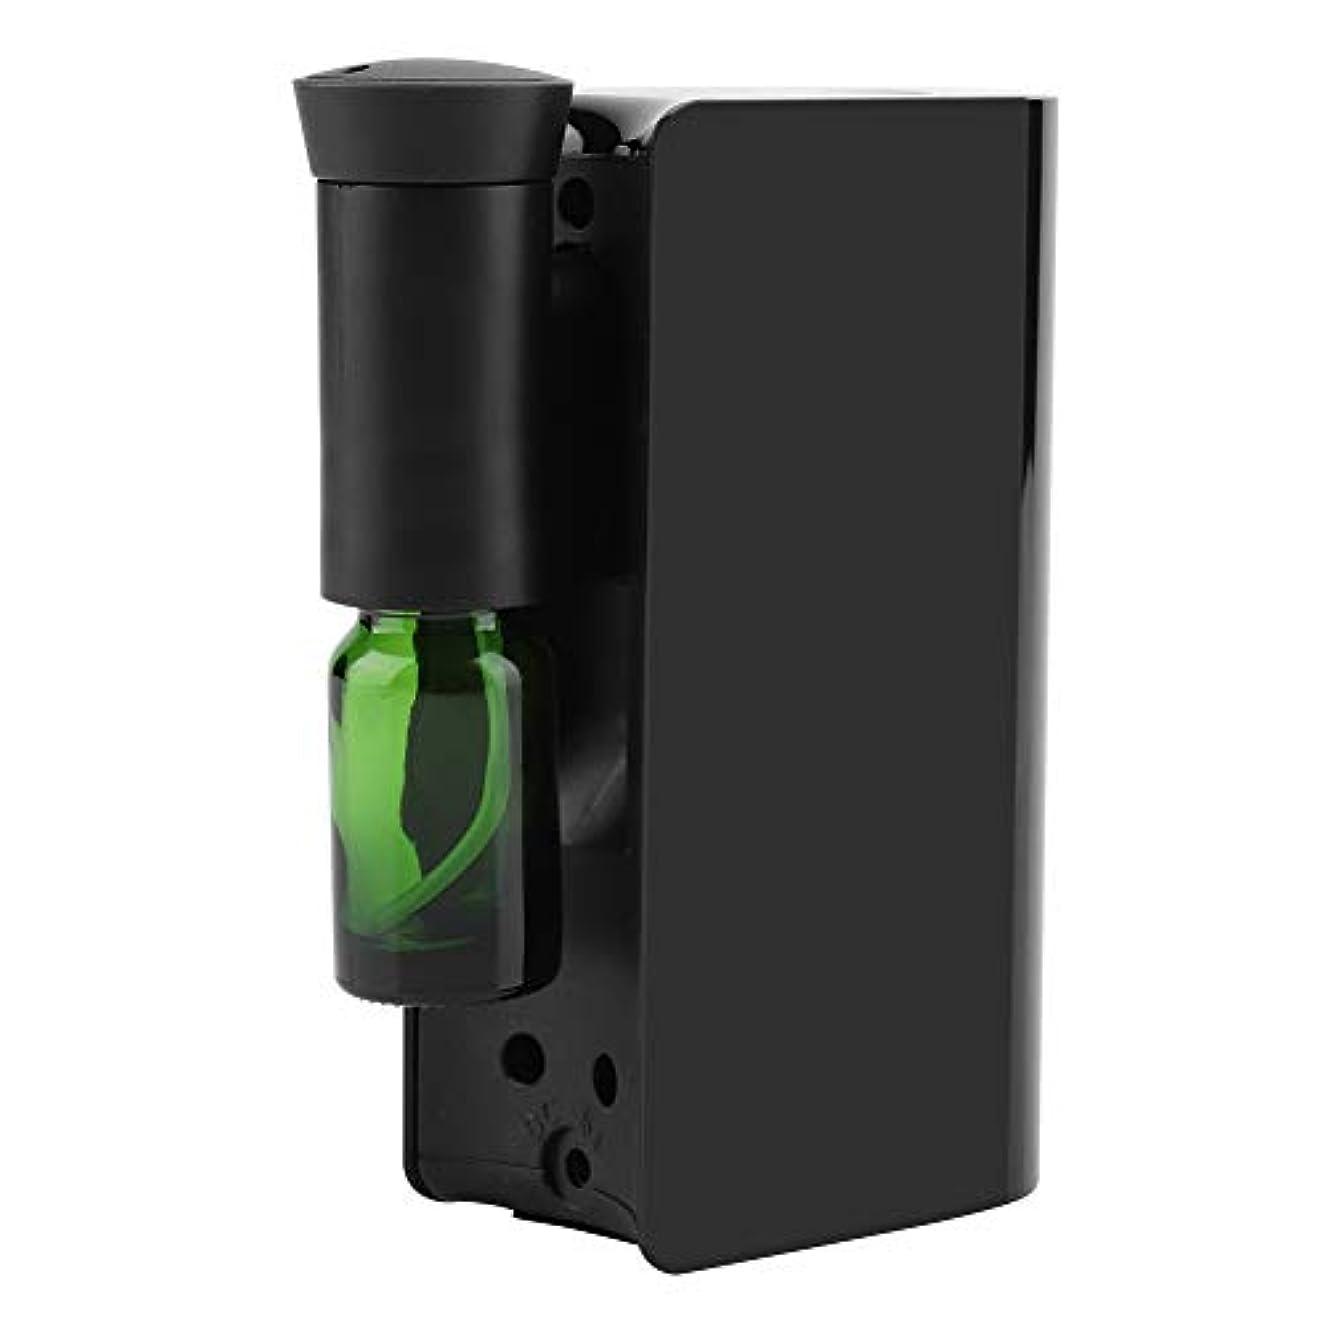 品城別れるエッセンシャルオイルディフューザー、100ml USB充電式クールミスト加湿器アロマオイル加湿器気化器アロマディフューザー(ブラック)